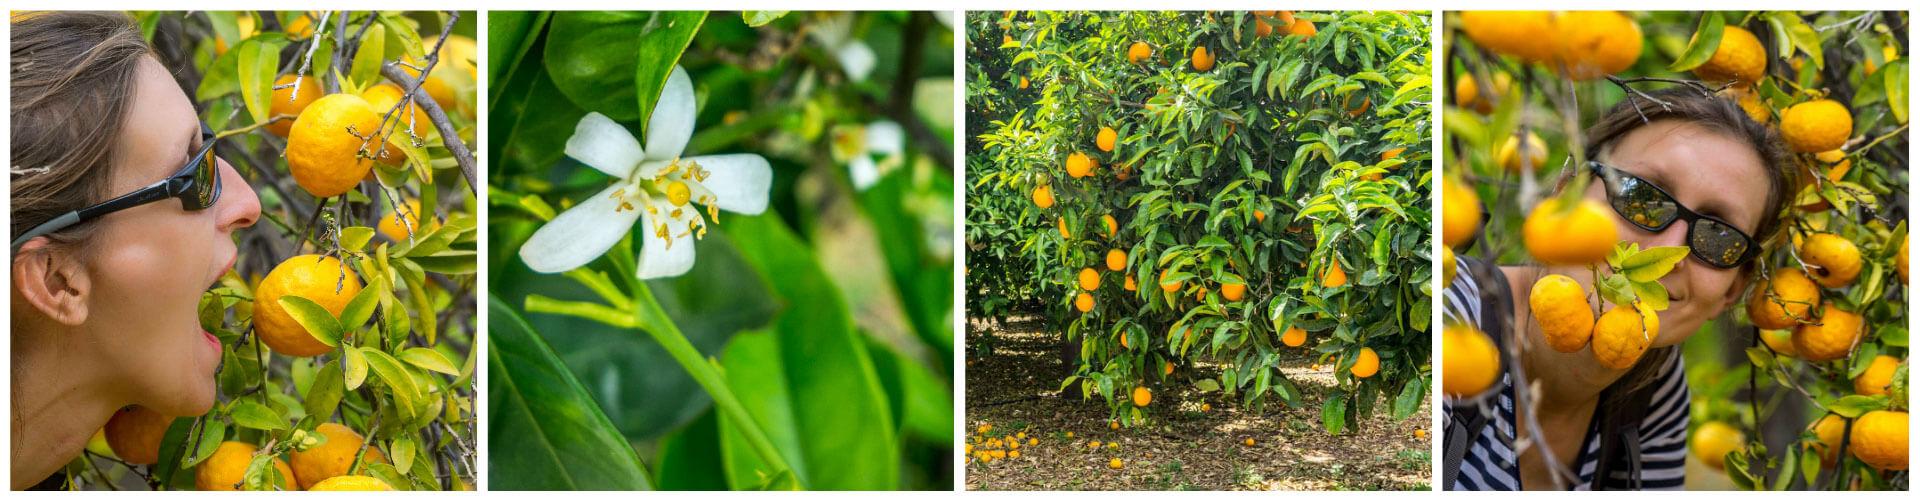 grecja_epidauros_pomarancze_kwiaty